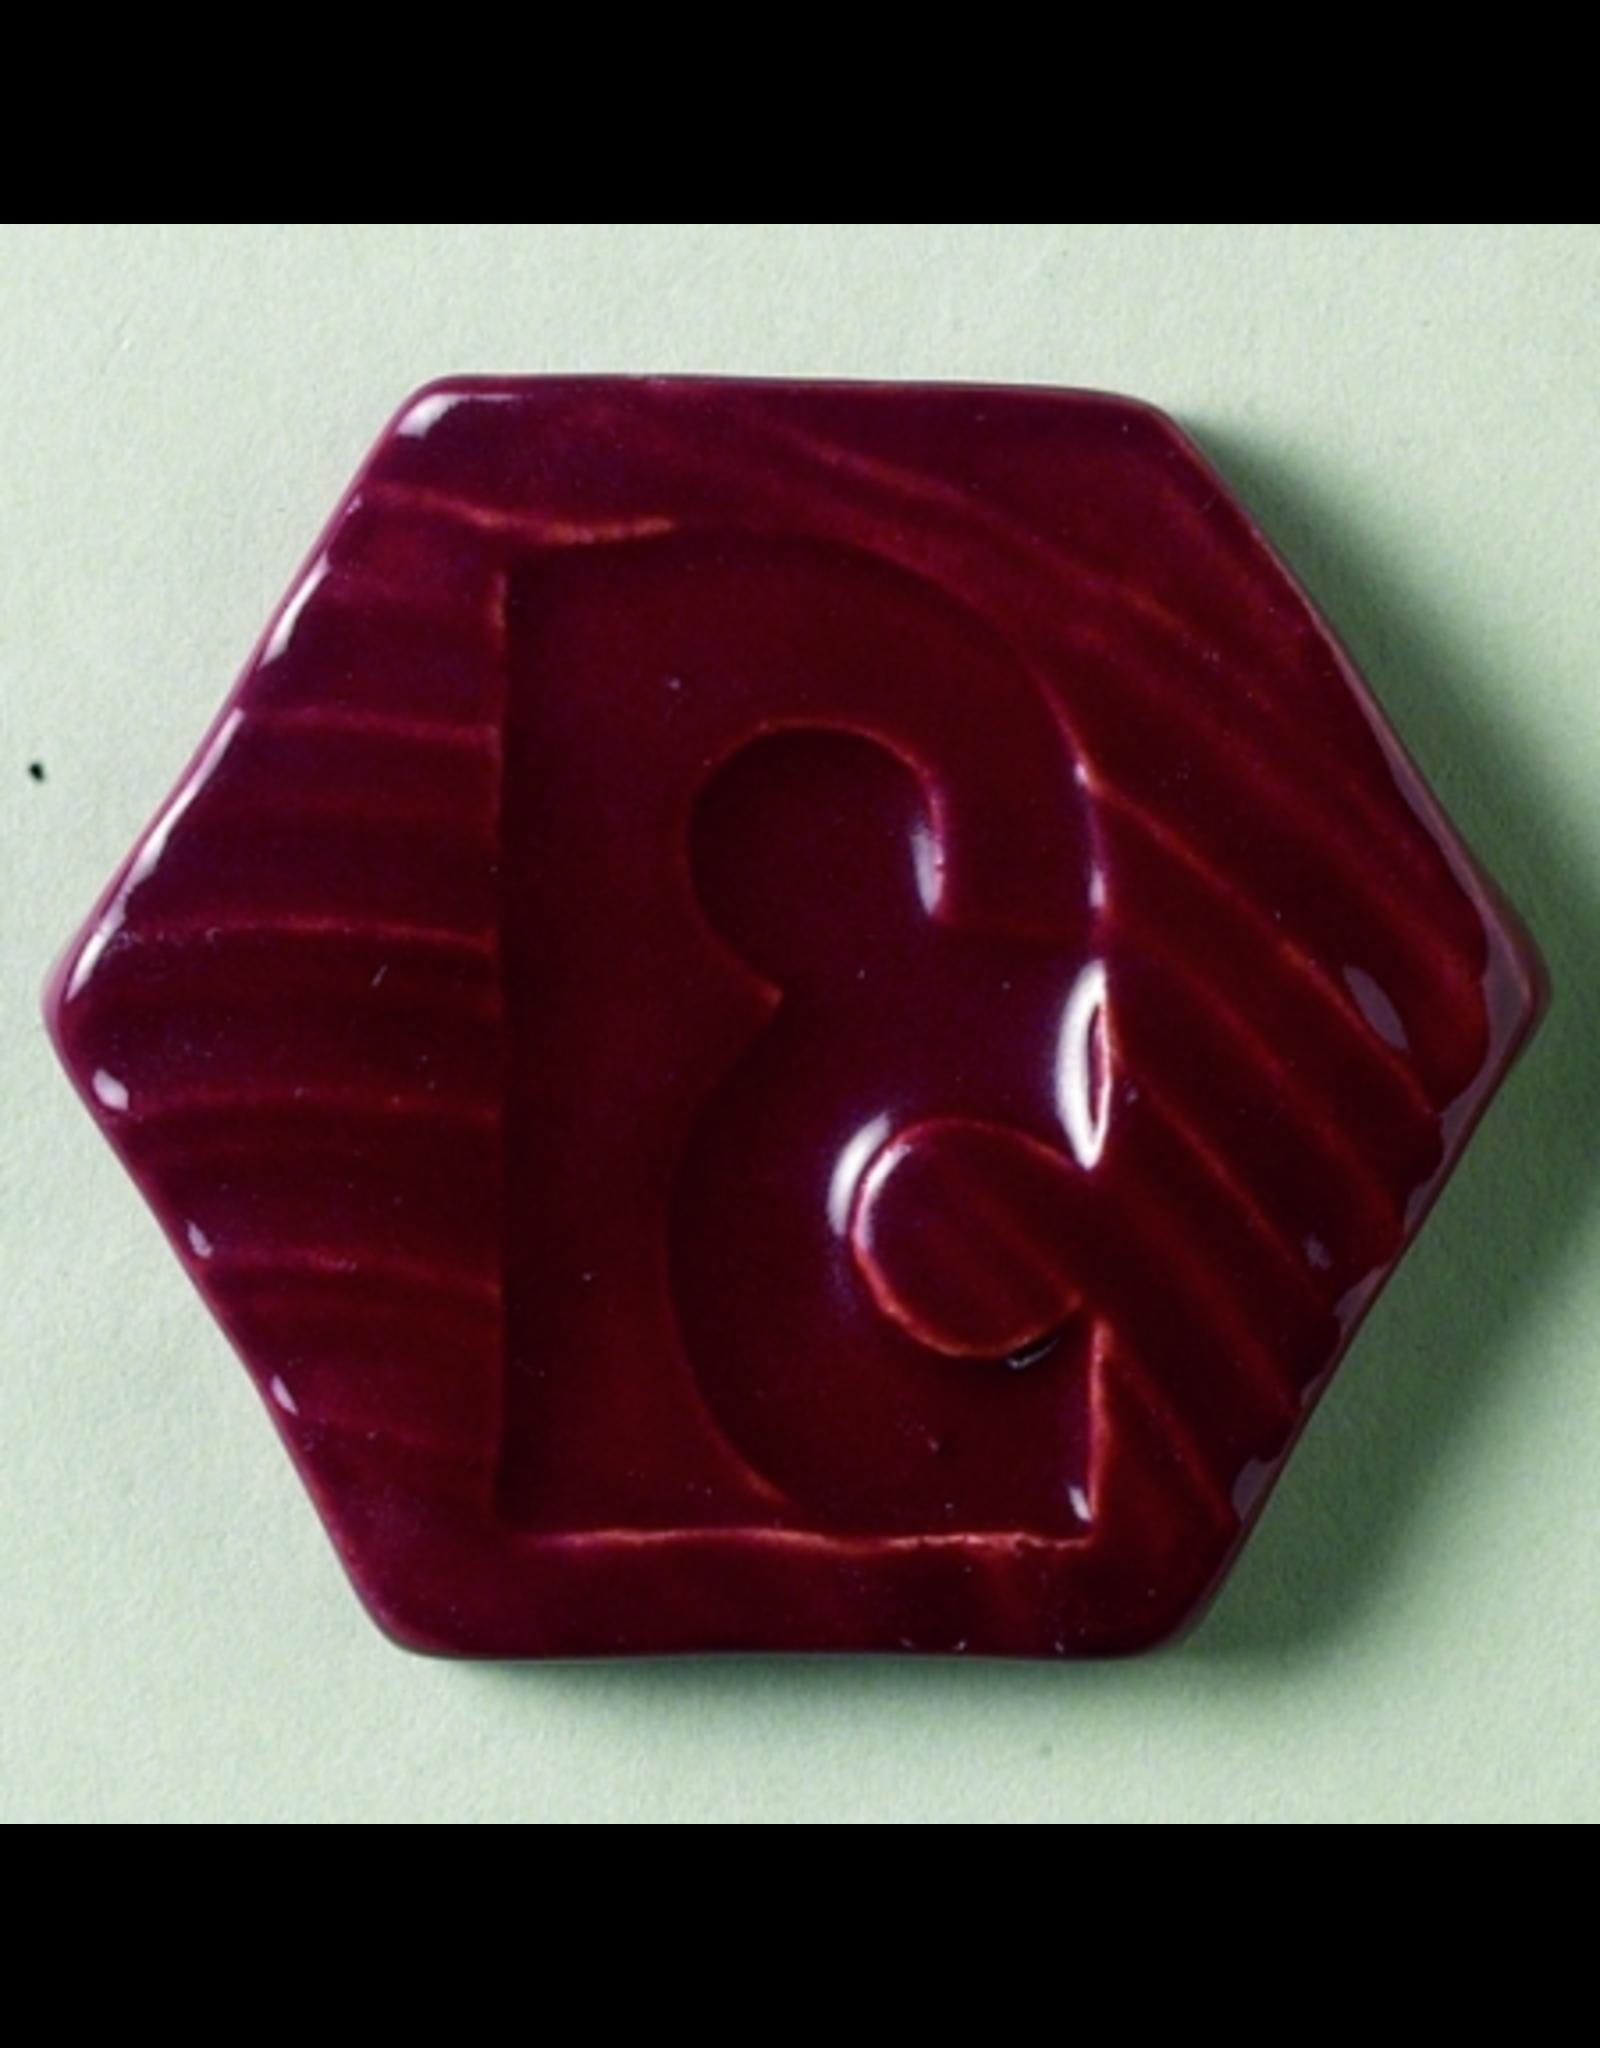 Potterycrafts Tivoli Red